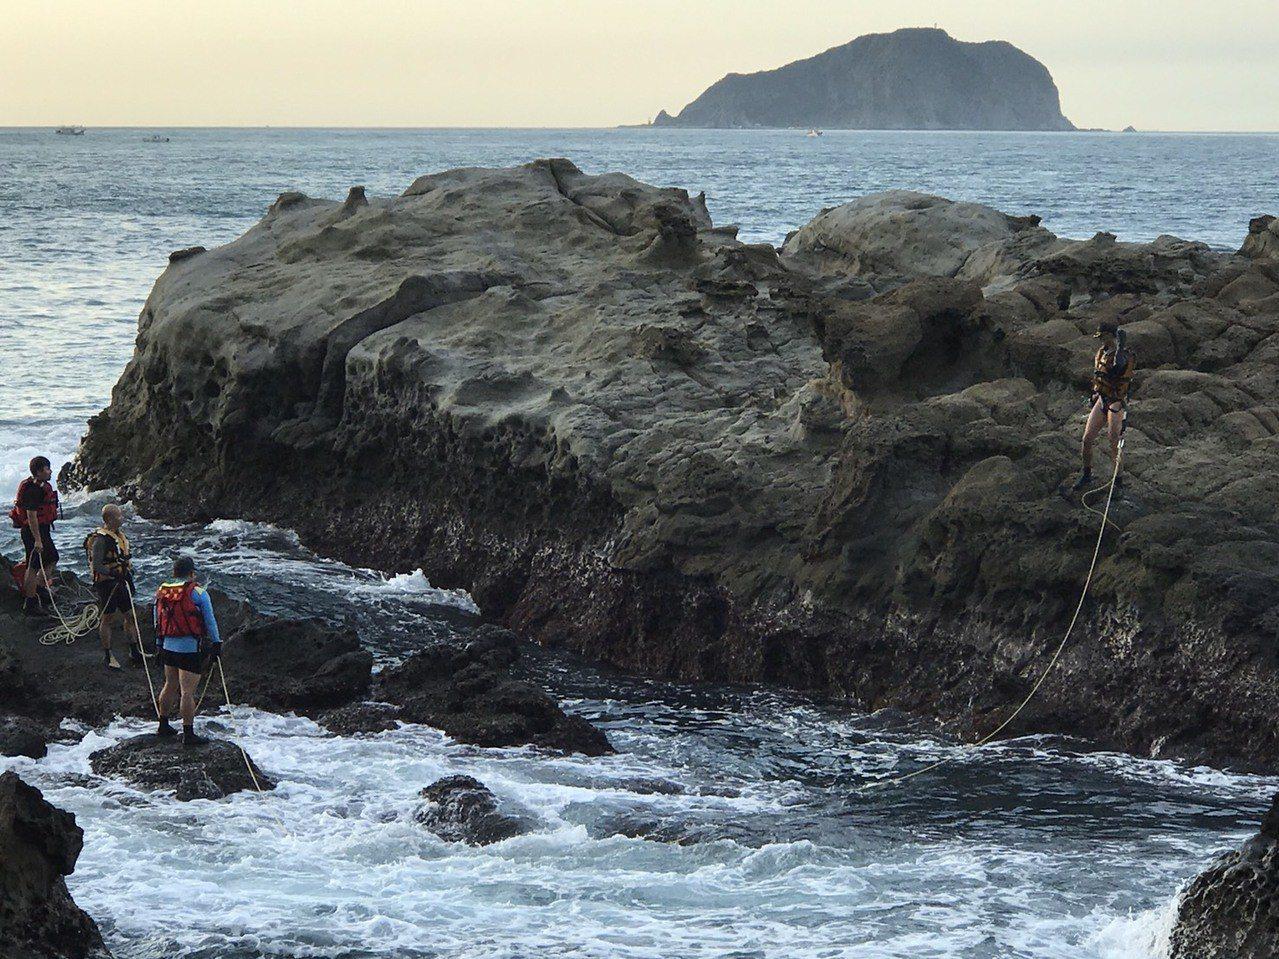 為剪斷釣客任意釘上的橫渡繩索,新北消防局瑞芳分隊今出動4員,綁上繩索、跳下海游到...